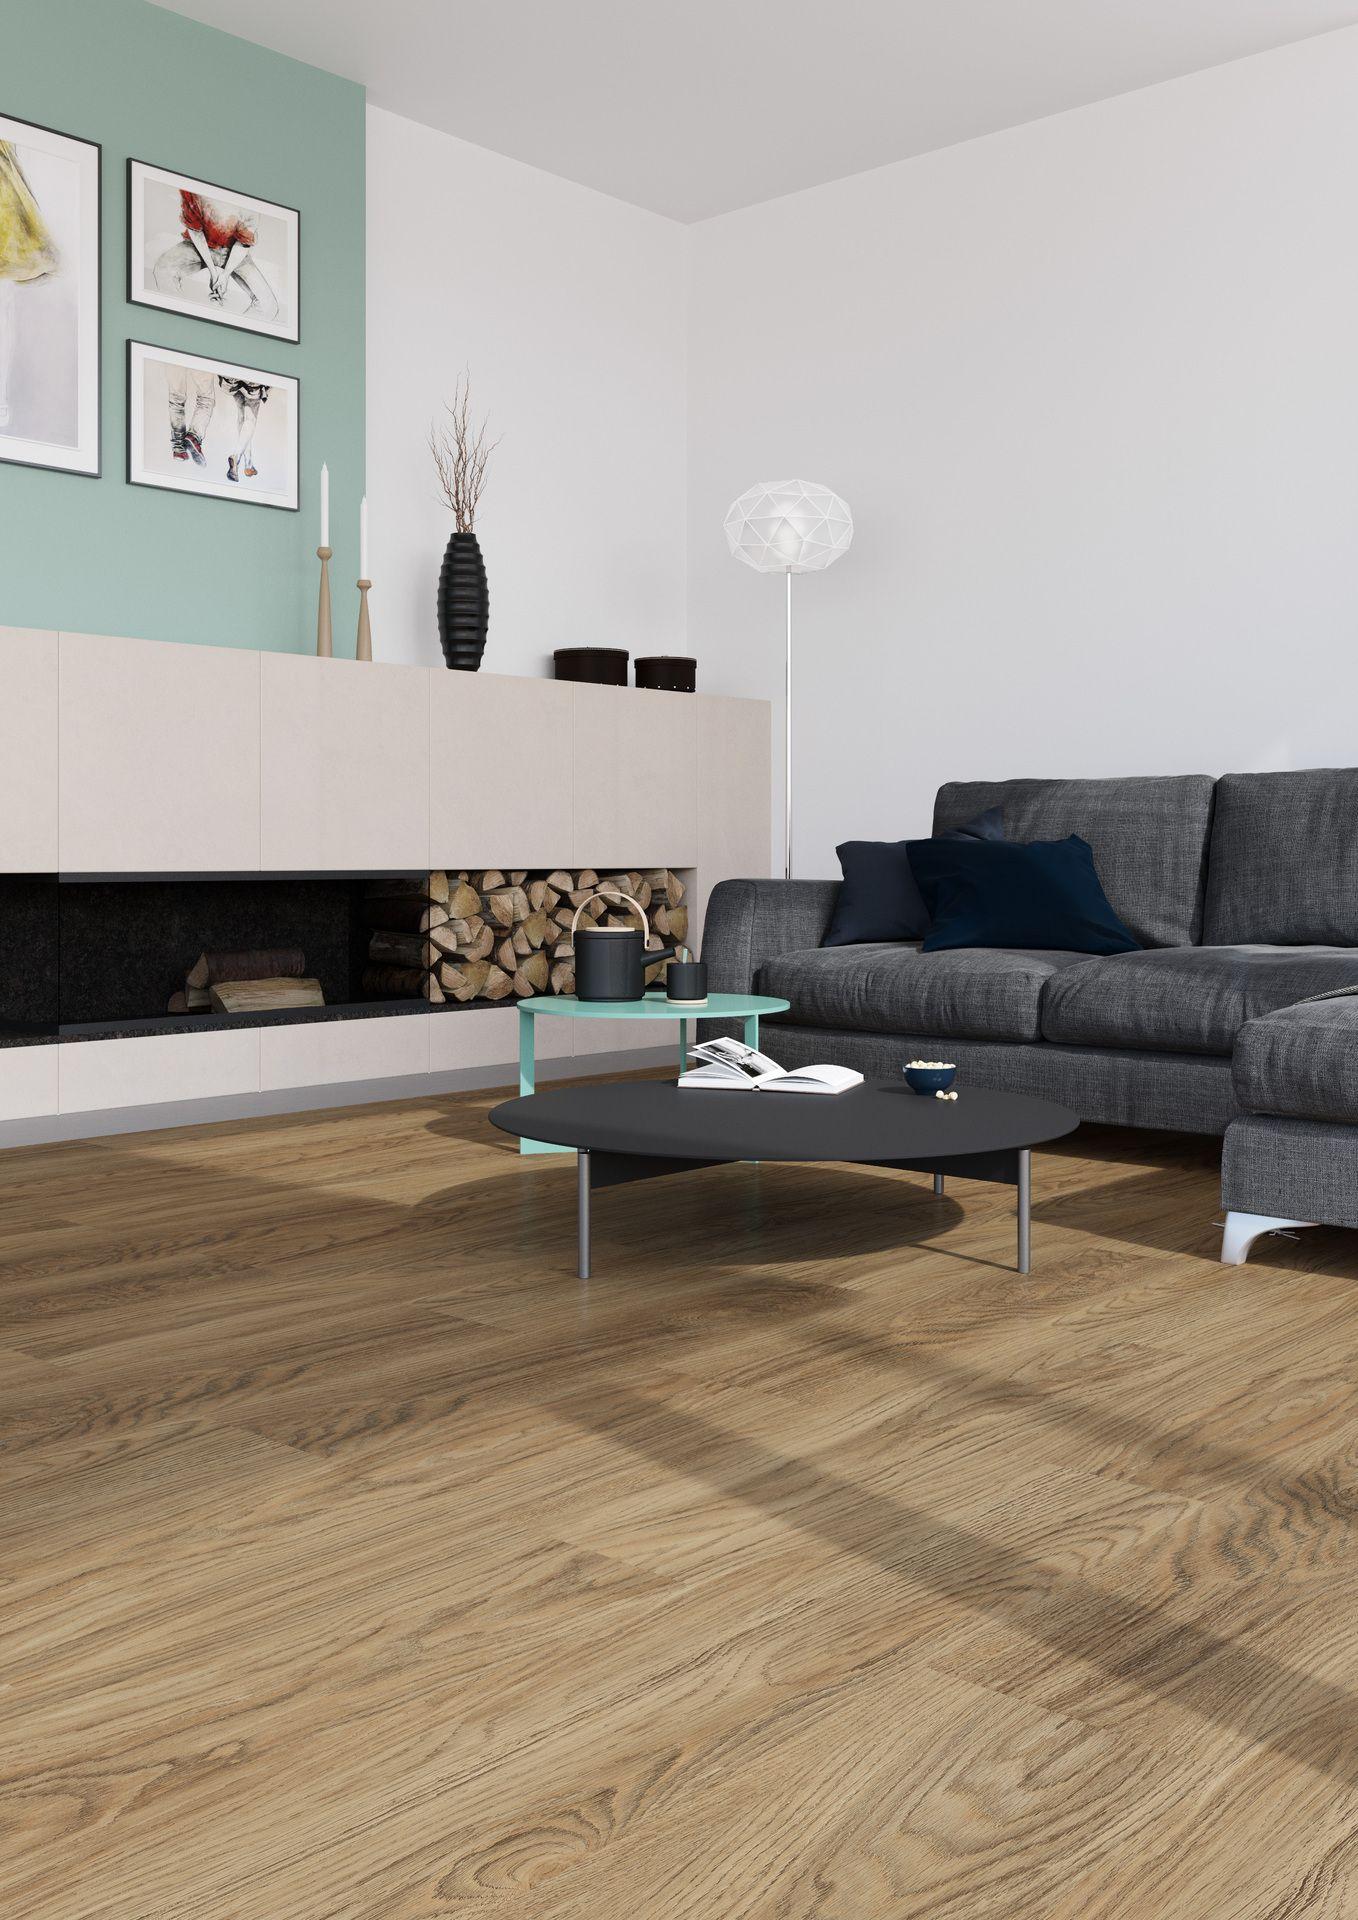 elastische bodenbel ge mit vinyl und linoleum ais. Black Bedroom Furniture Sets. Home Design Ideas